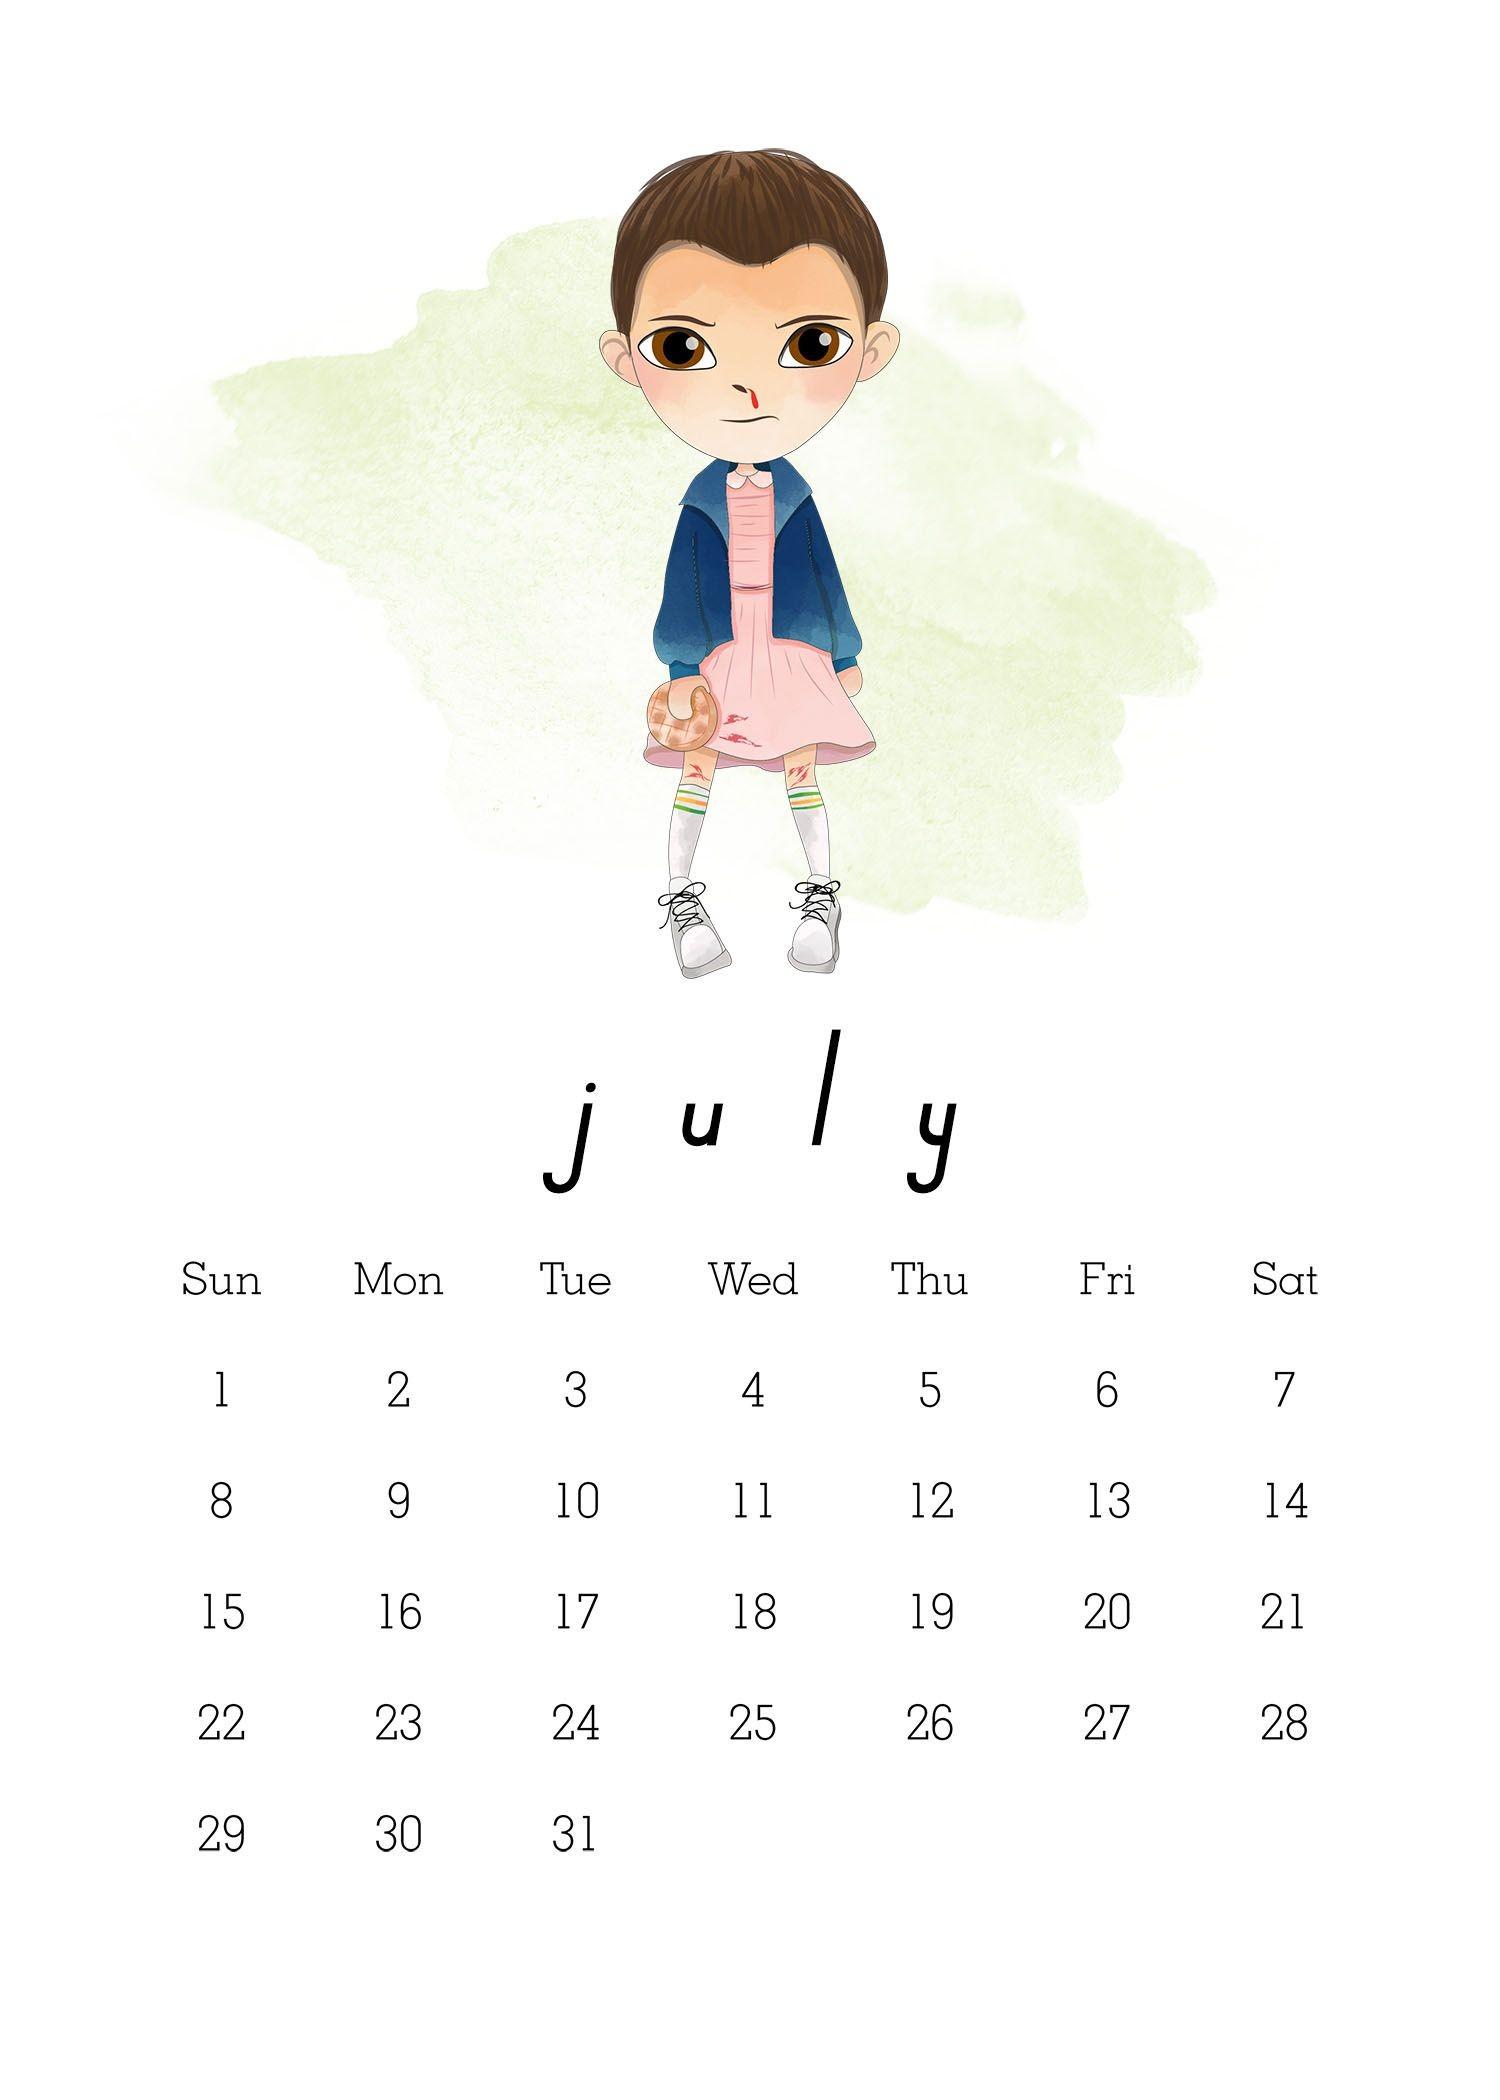 TCM StrangerThings 2018 Calendar 5x7 7 1500—